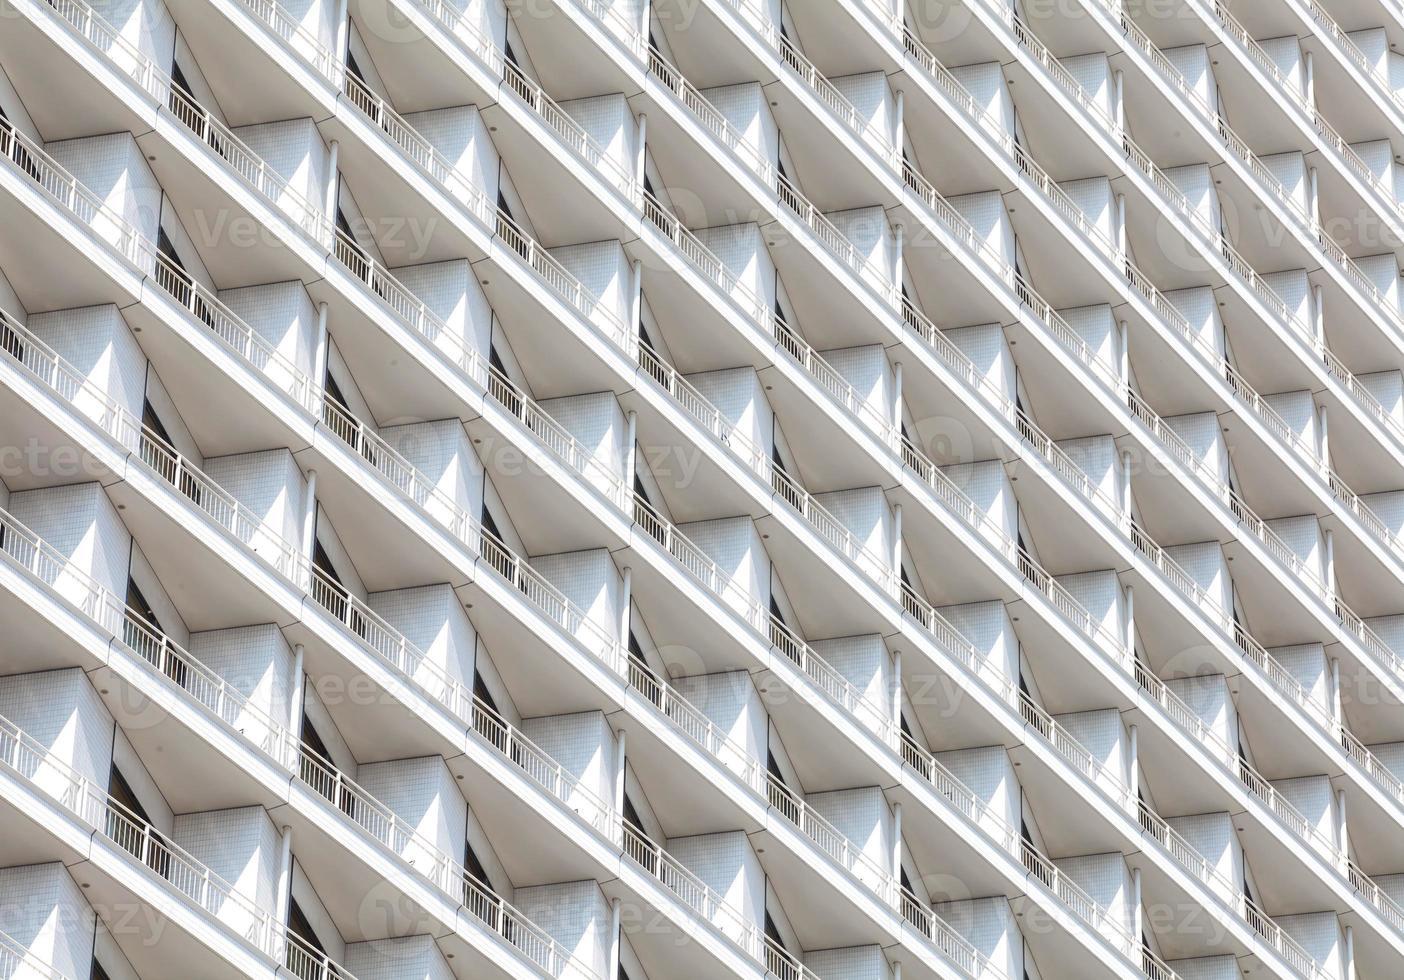 dettaglio delle finestre in un grattacielo foto